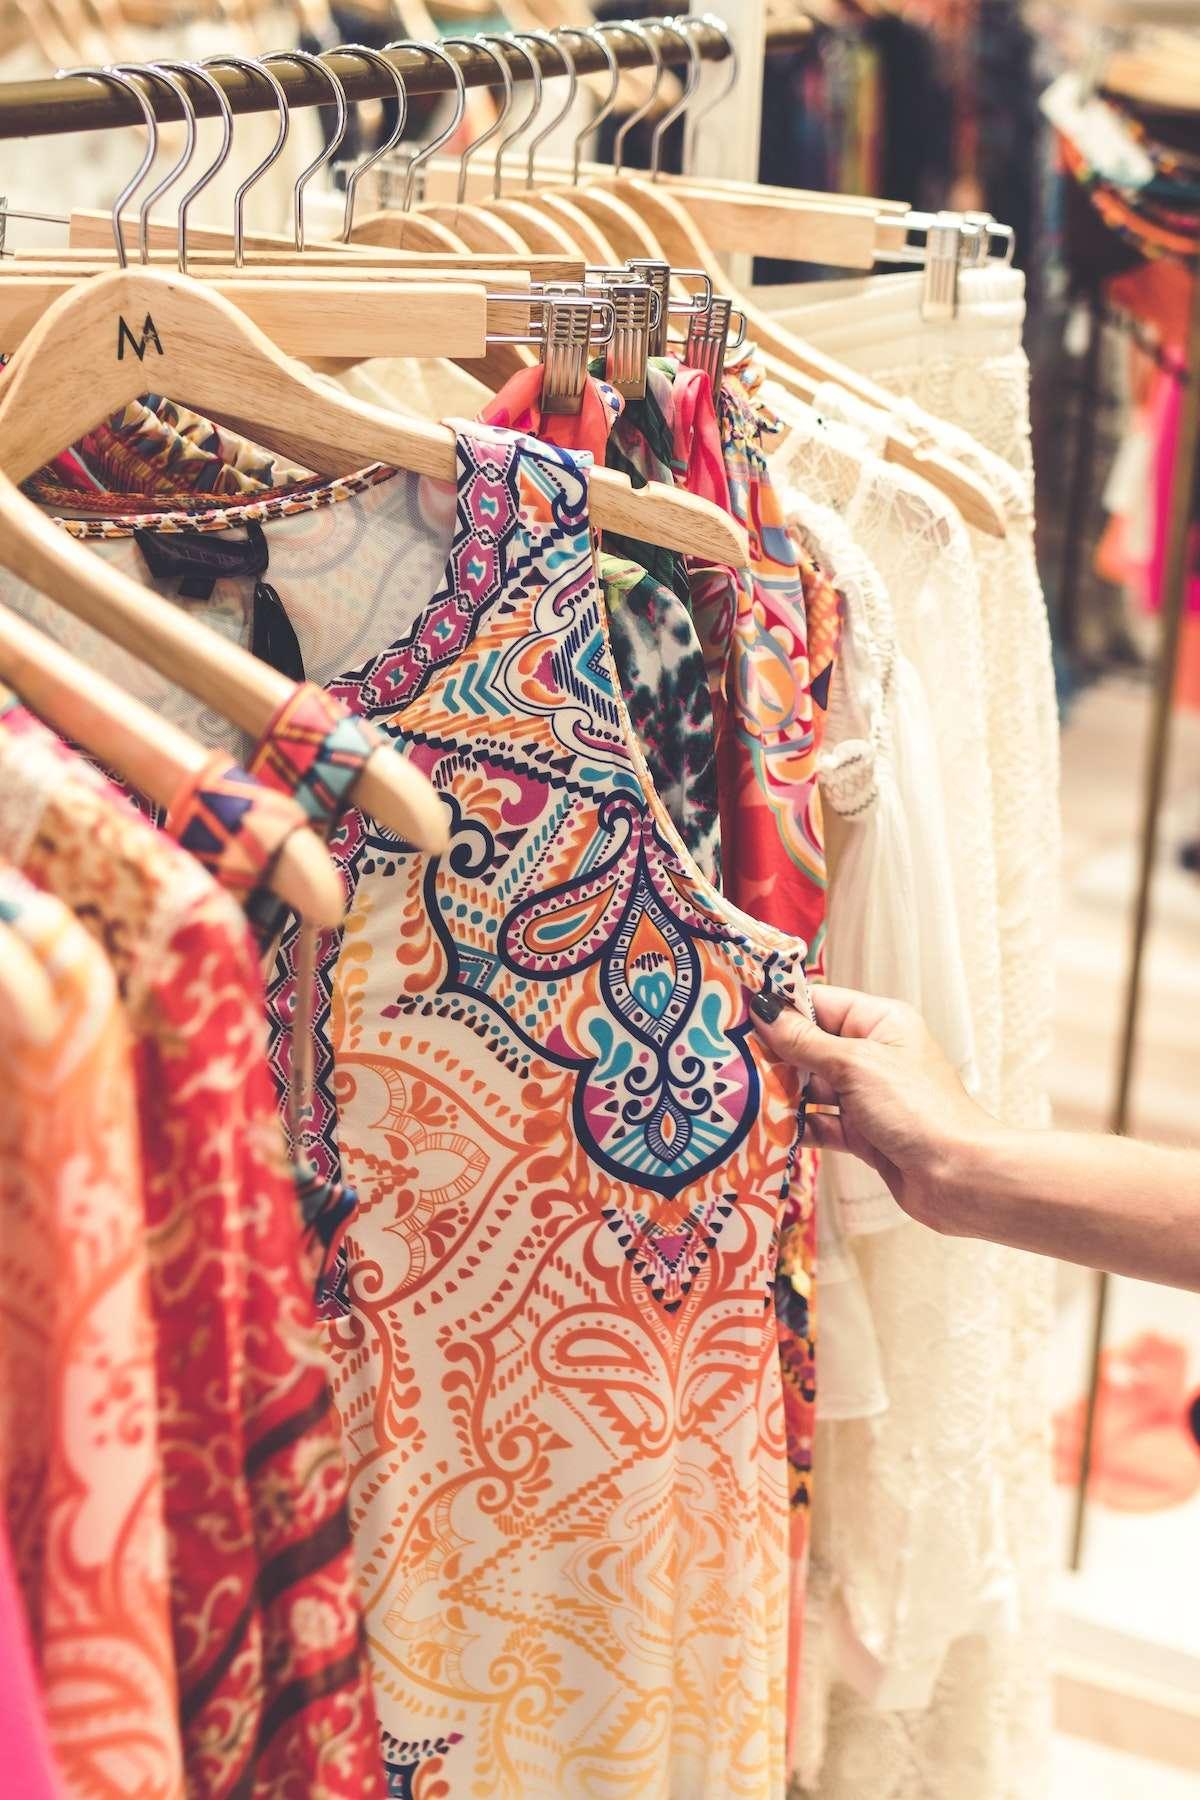 Formas de apoyar a los negocios locales de moda